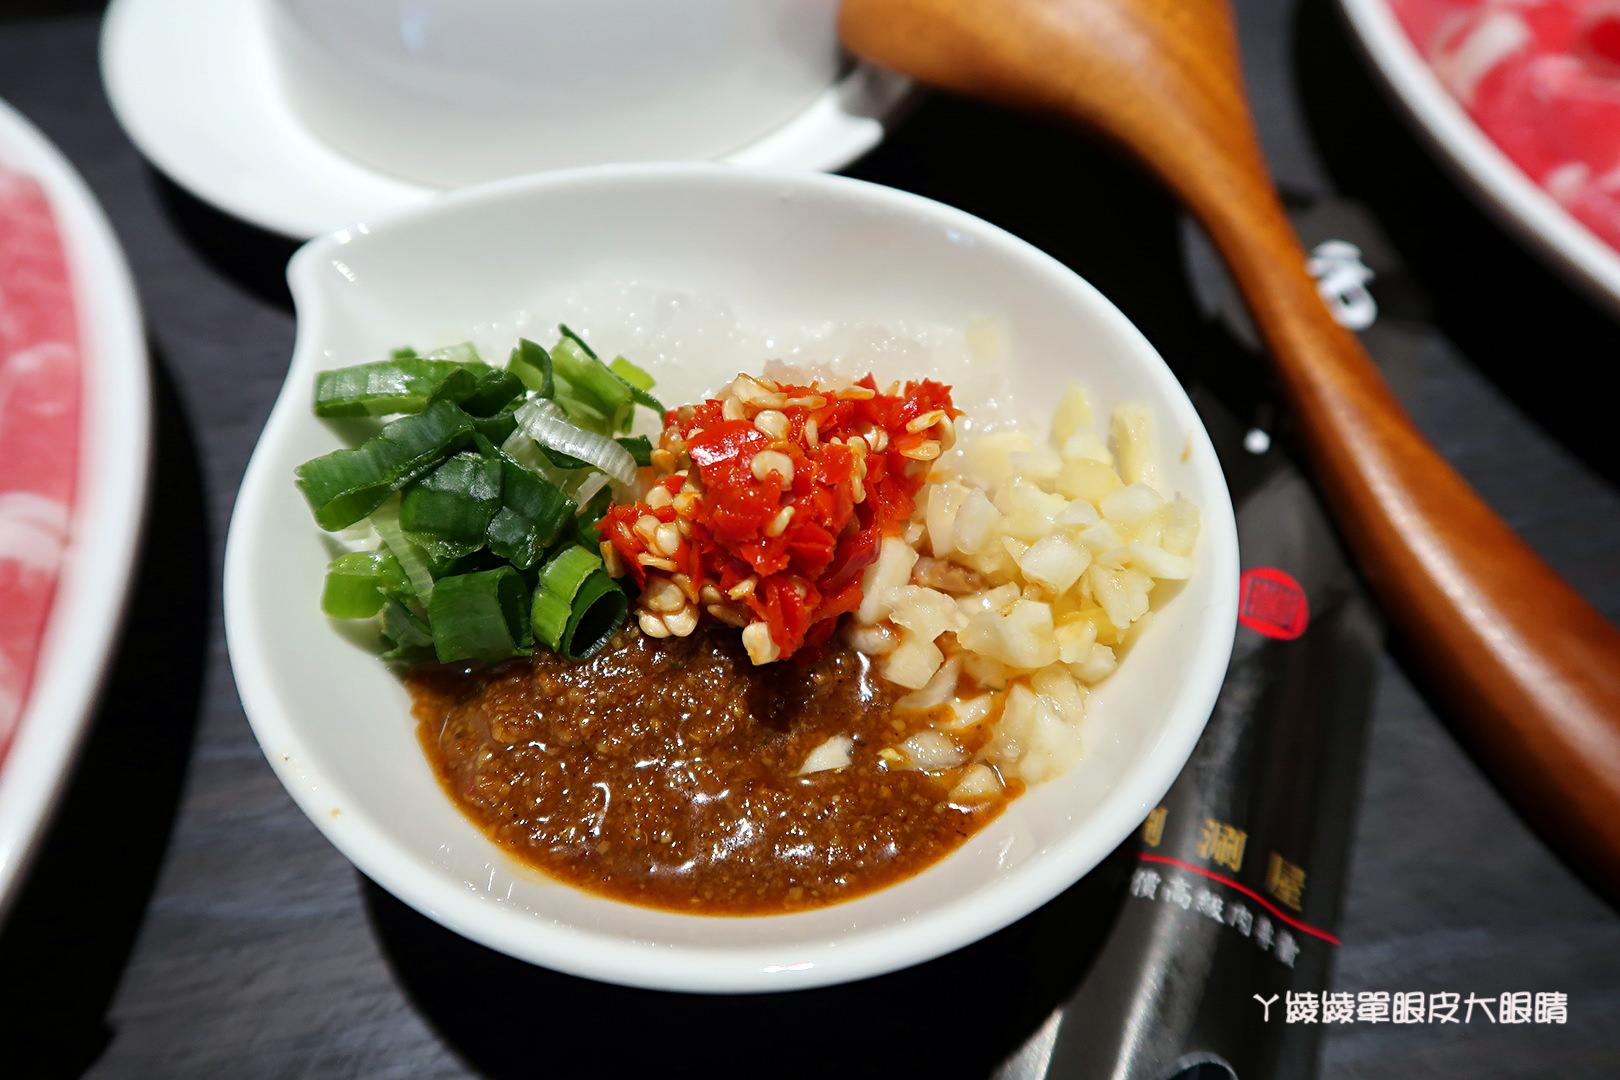 台南東區火鍋推薦!方圓涮涮屋|上桌還會動!活龍蝦及大份量肉品吃到嫑嫑